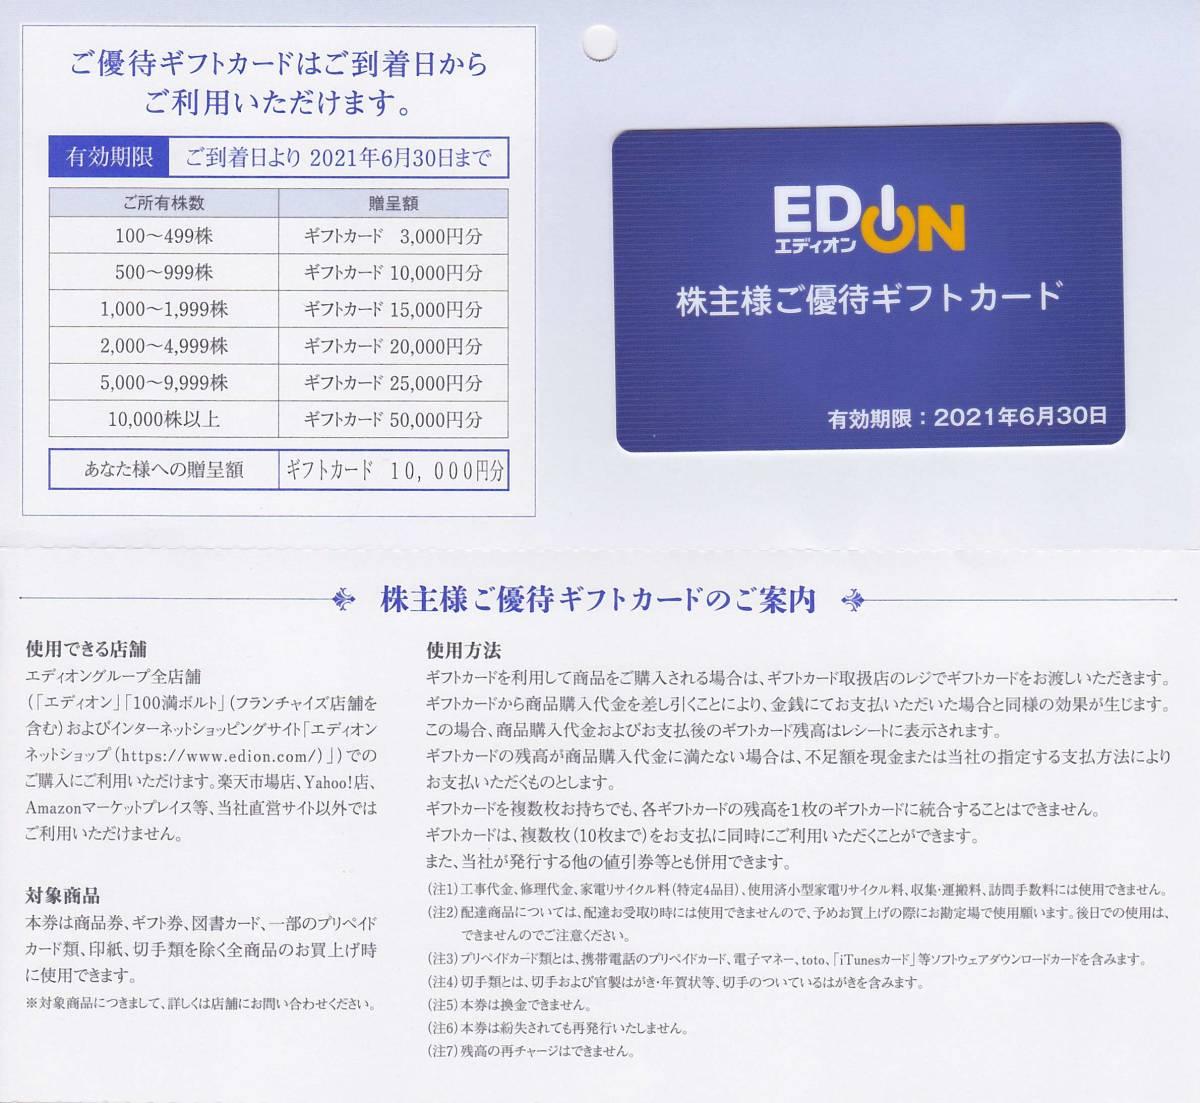 最新2021.6.30迄 エディオン EDION 株主優待カード 10000円分_画像1